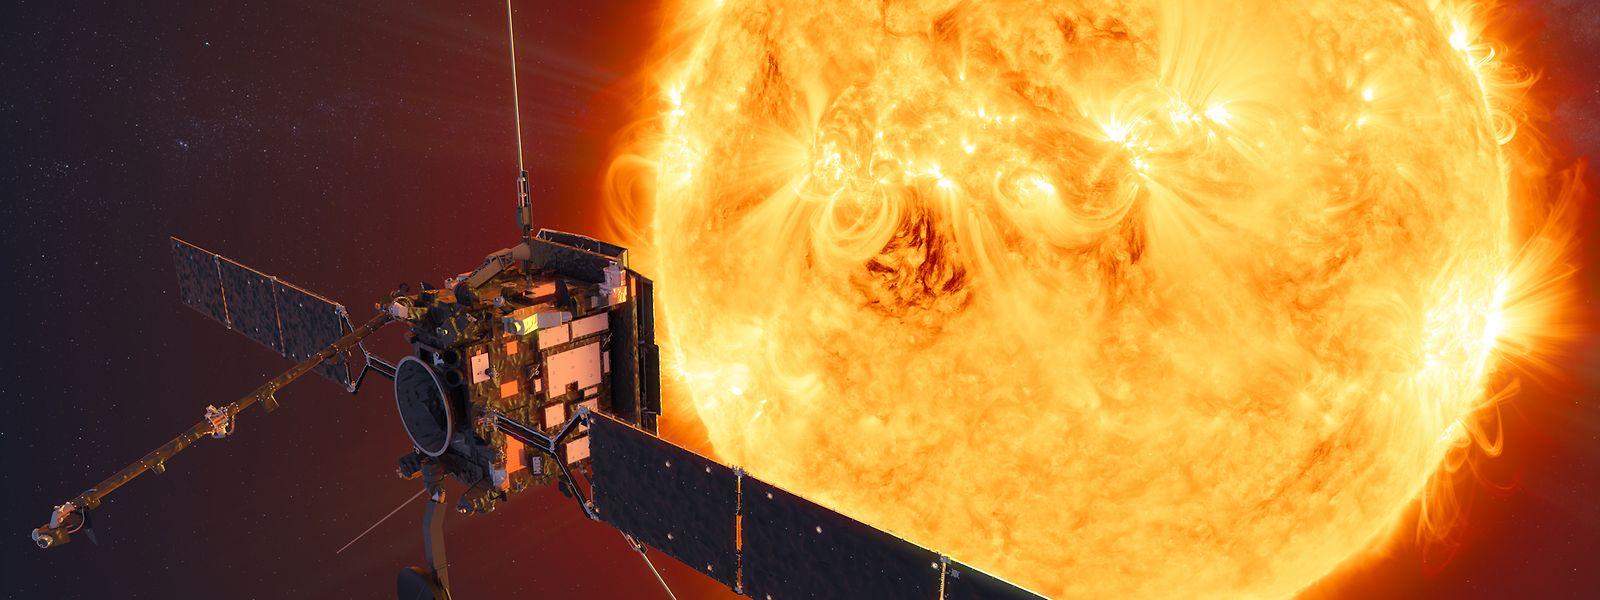 Auf einer besonders heißen Mission: die Raumsonde Solar Orbiter vor der Sonne.